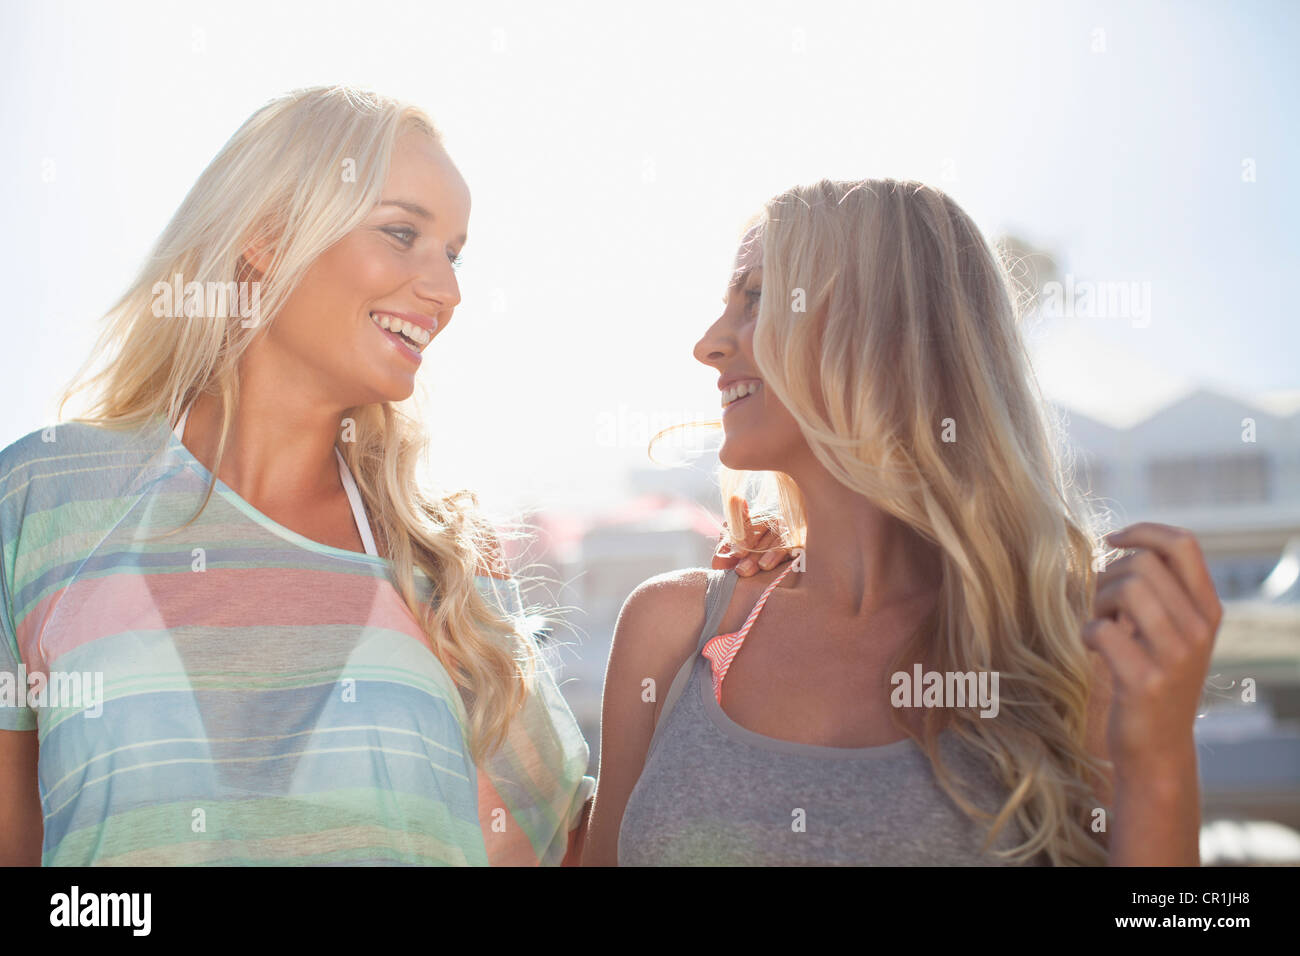 Mujer sonriente caminando juntos al aire libre Foto de stock